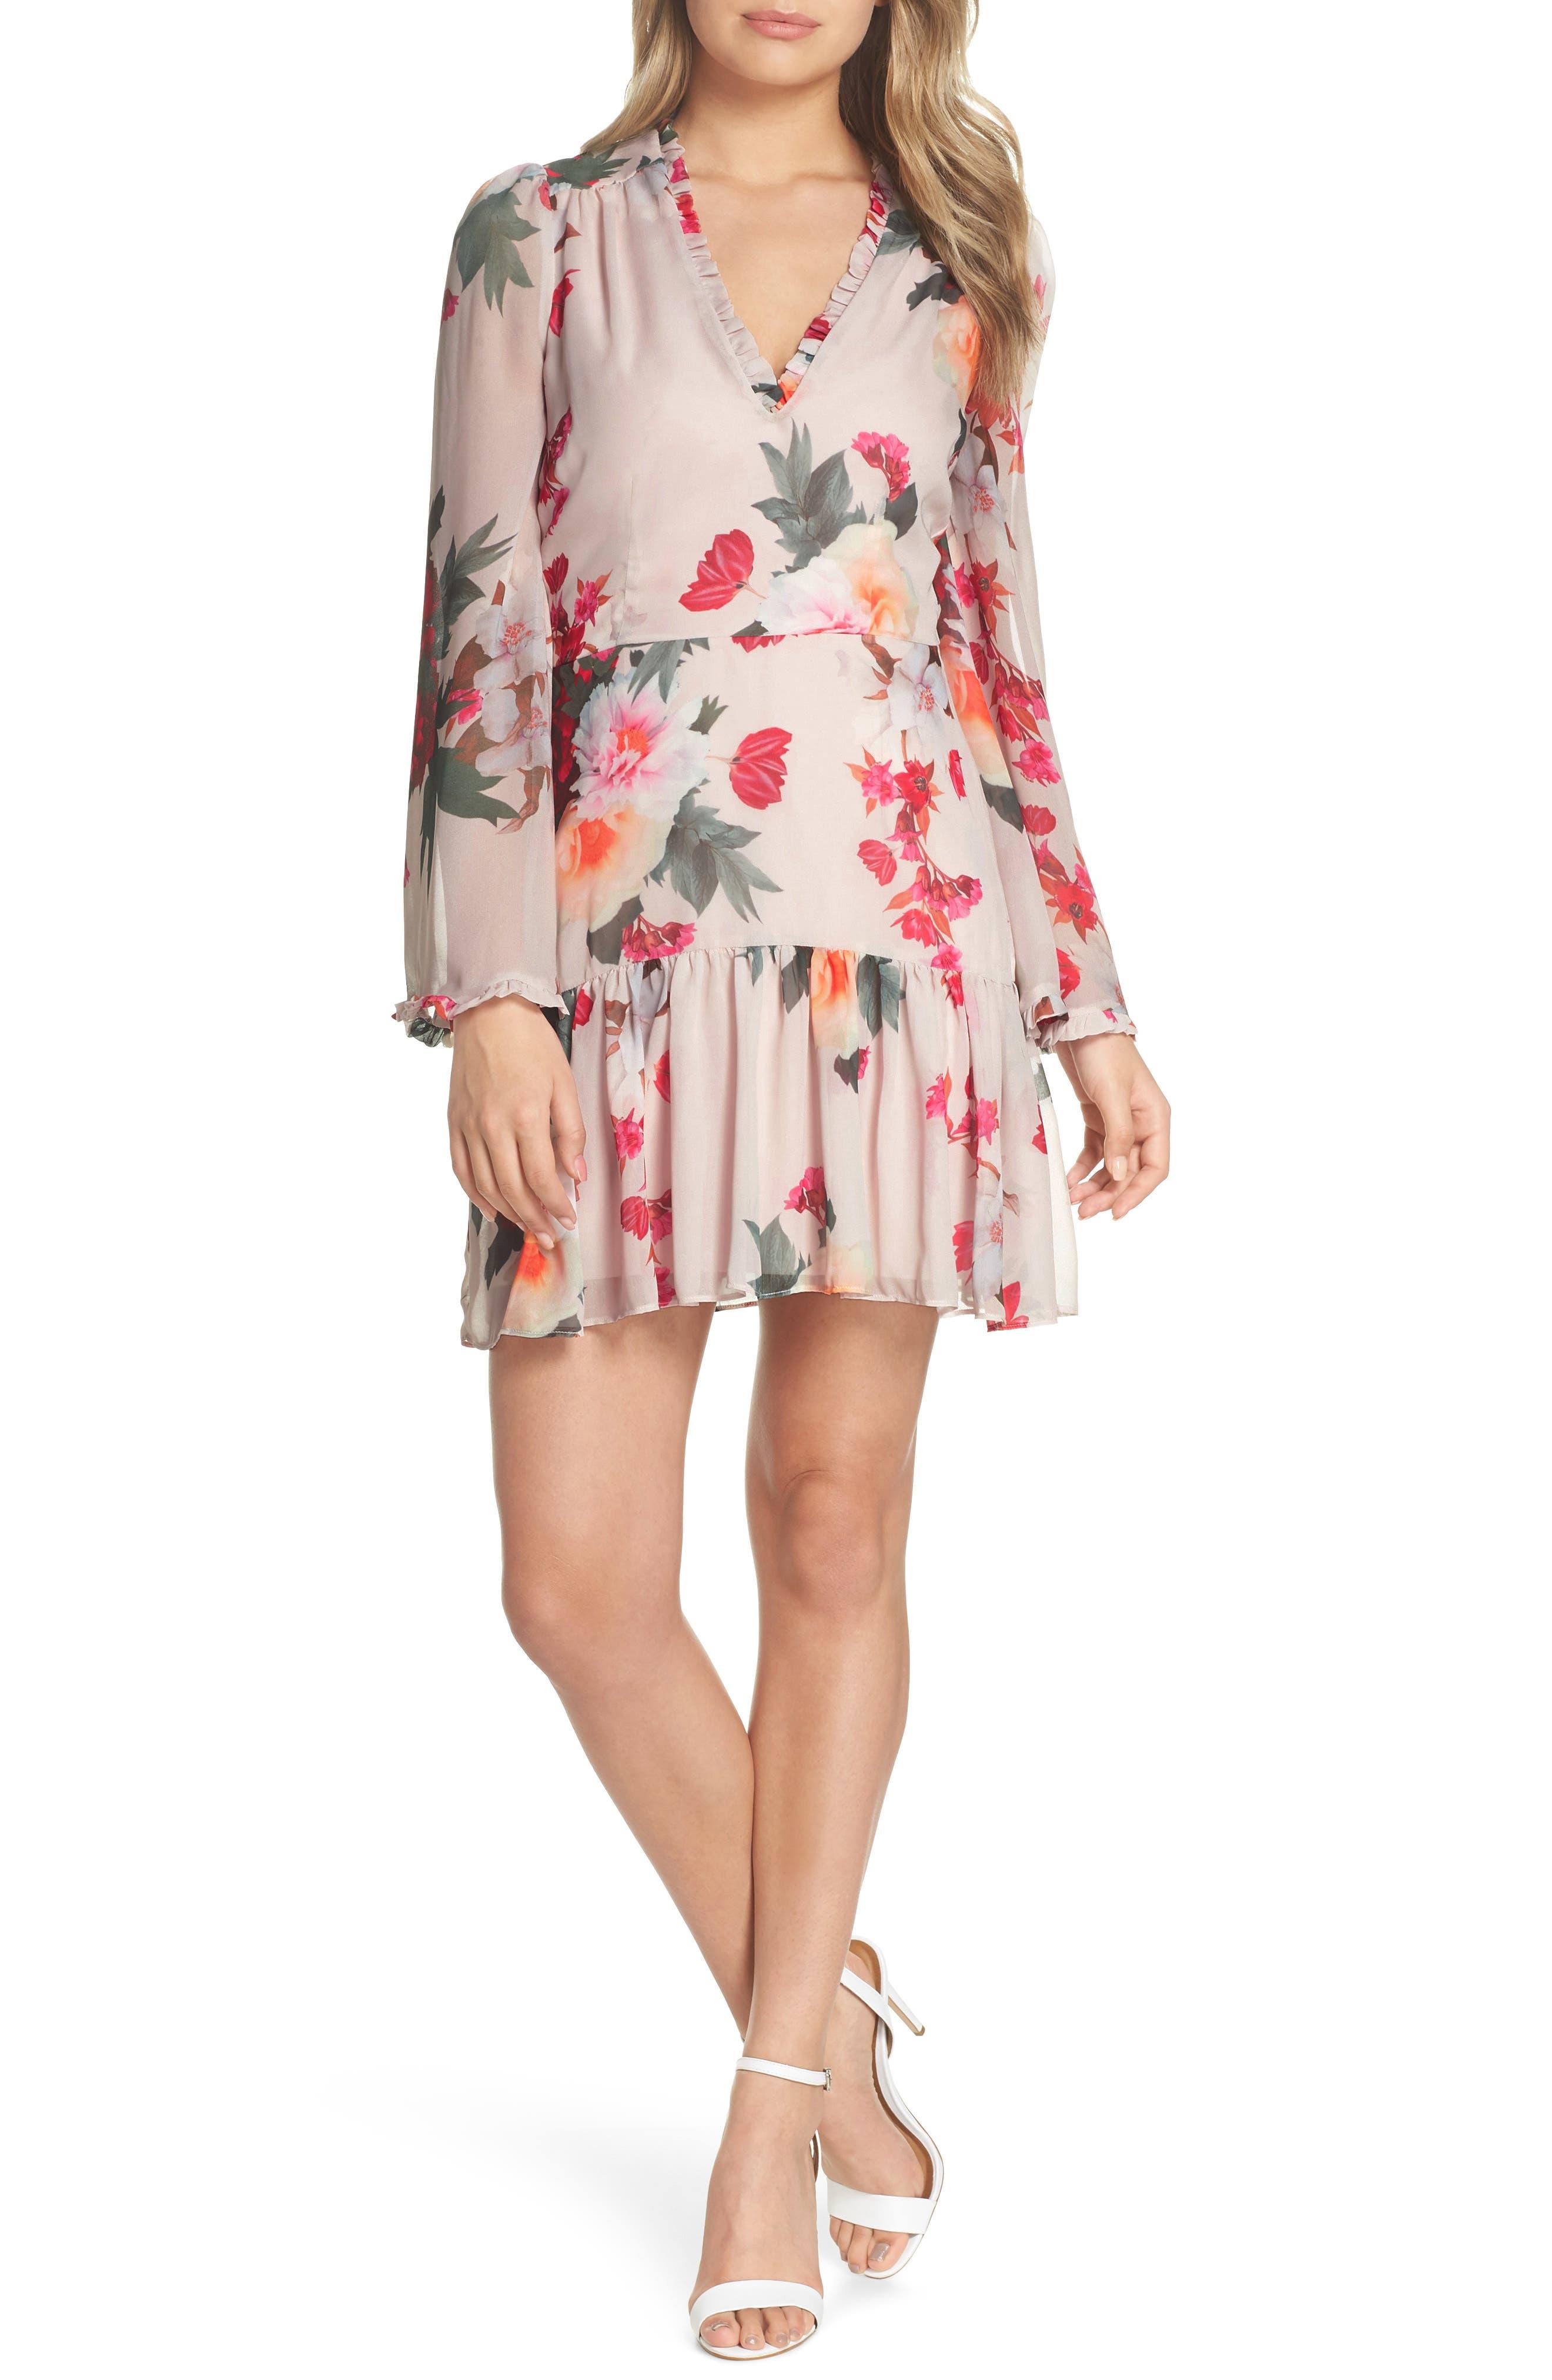 Rosa Floral Chiffon Dress,                             Main thumbnail 1, color,                             Print